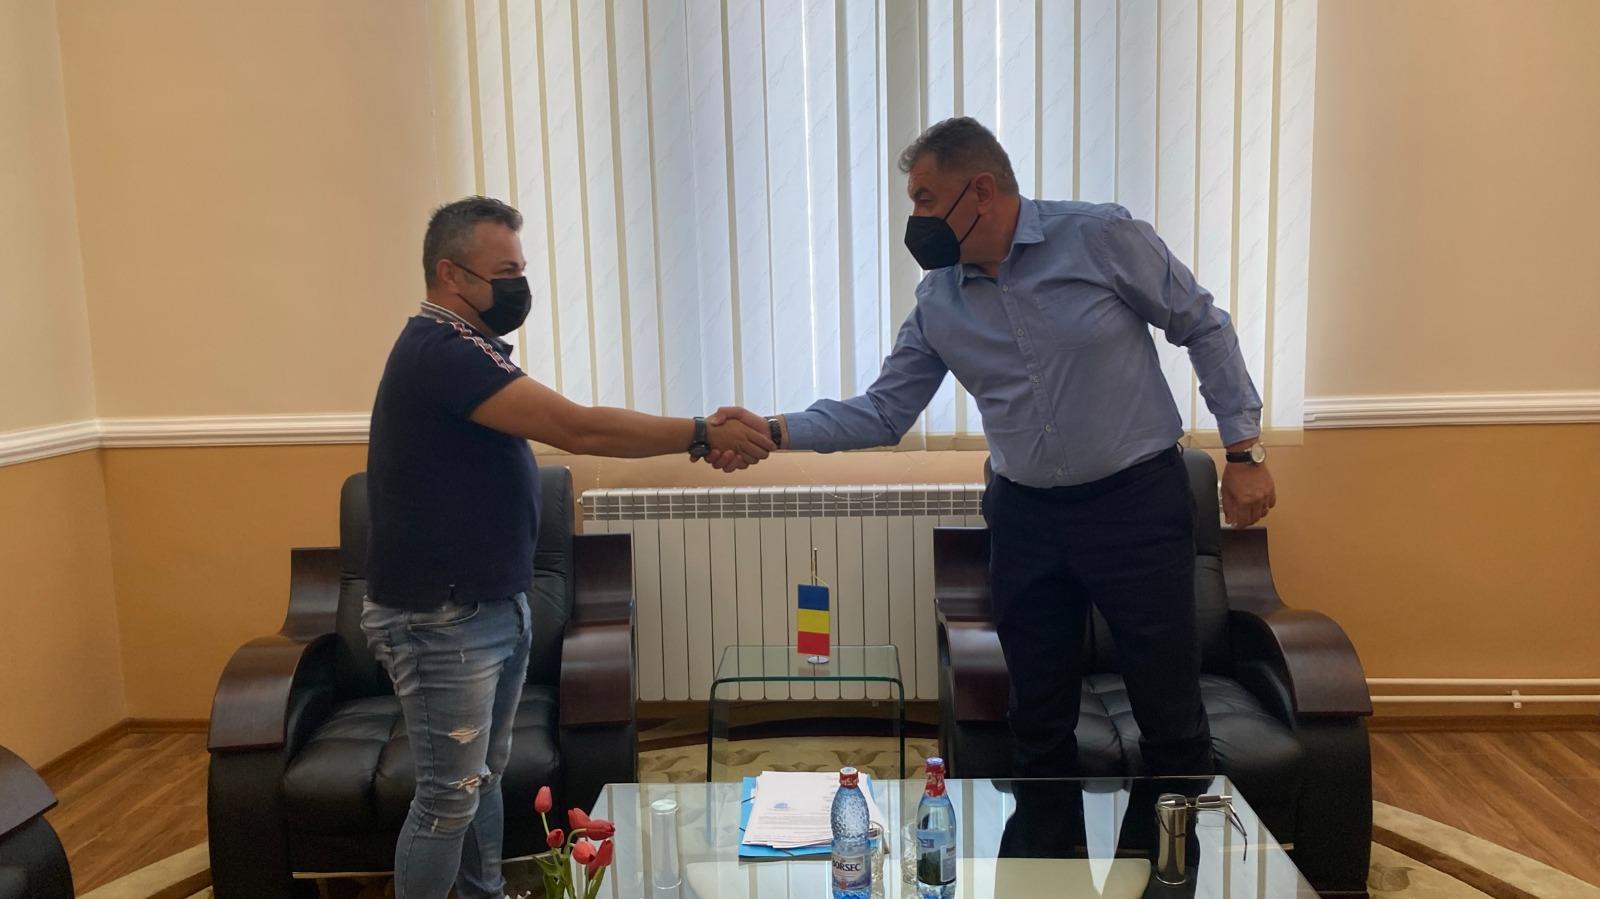 Investiții pregătite pentru unitățile de învățământ din Pitești fără autorizație de securitate la incendiu